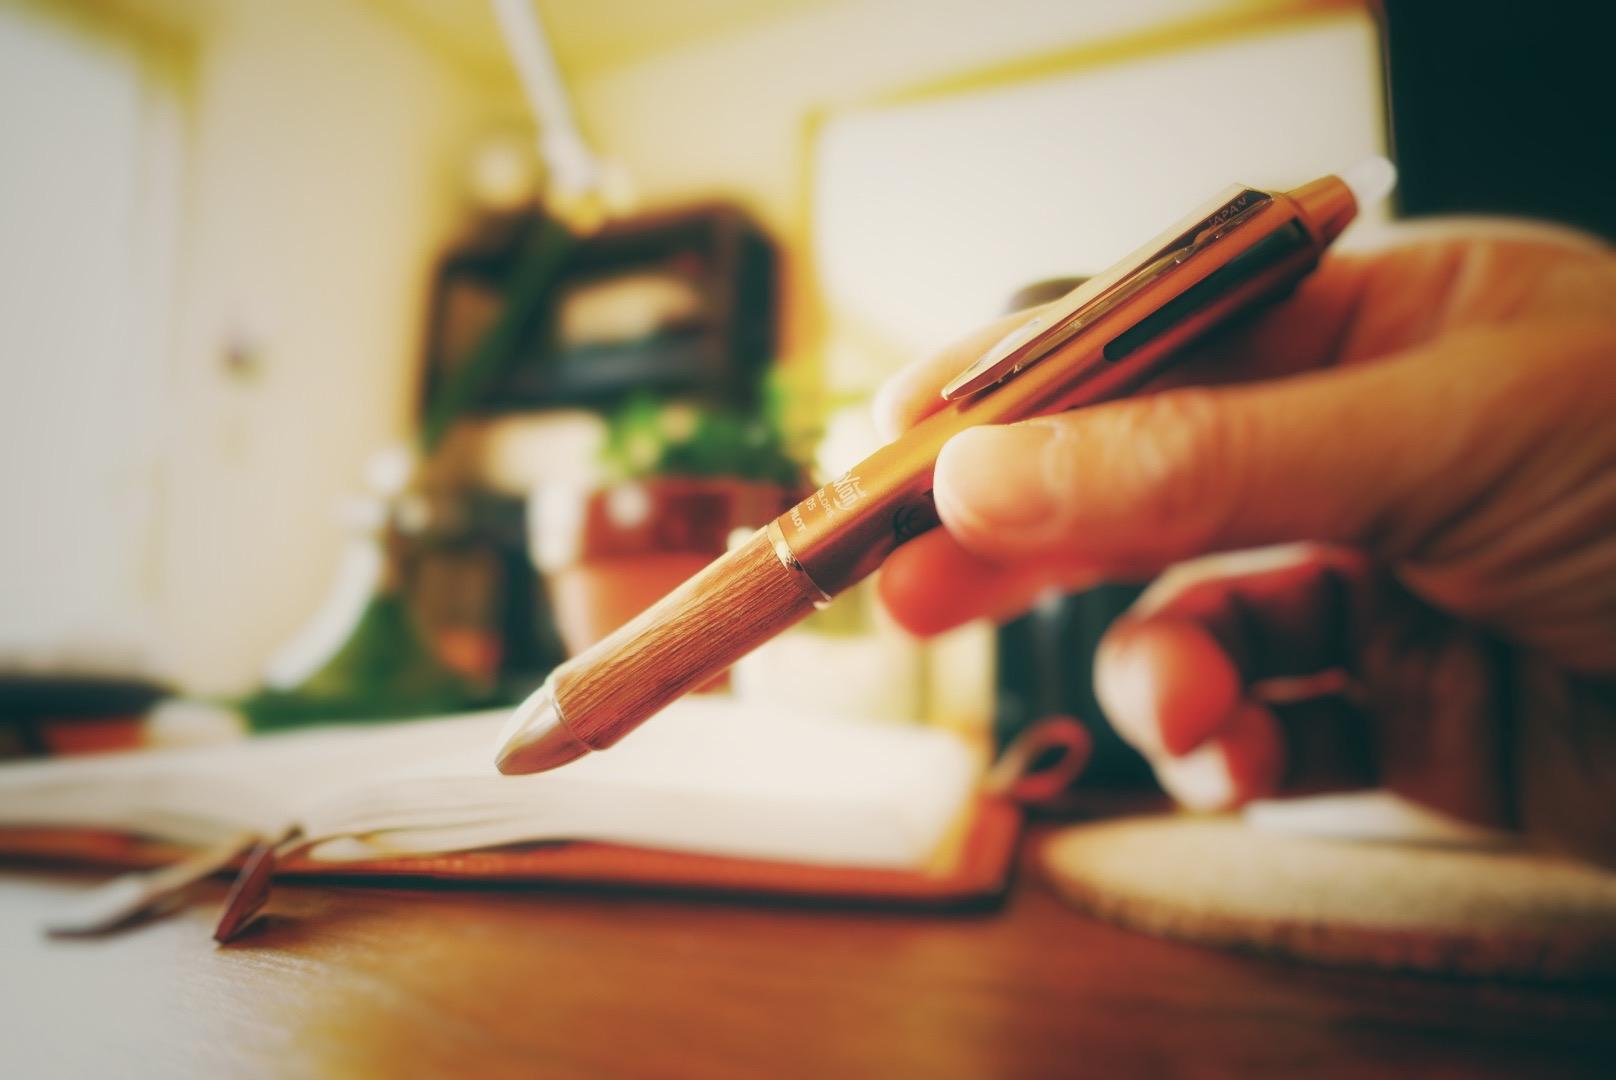 愛用の三色ボールペン(もらいもの)